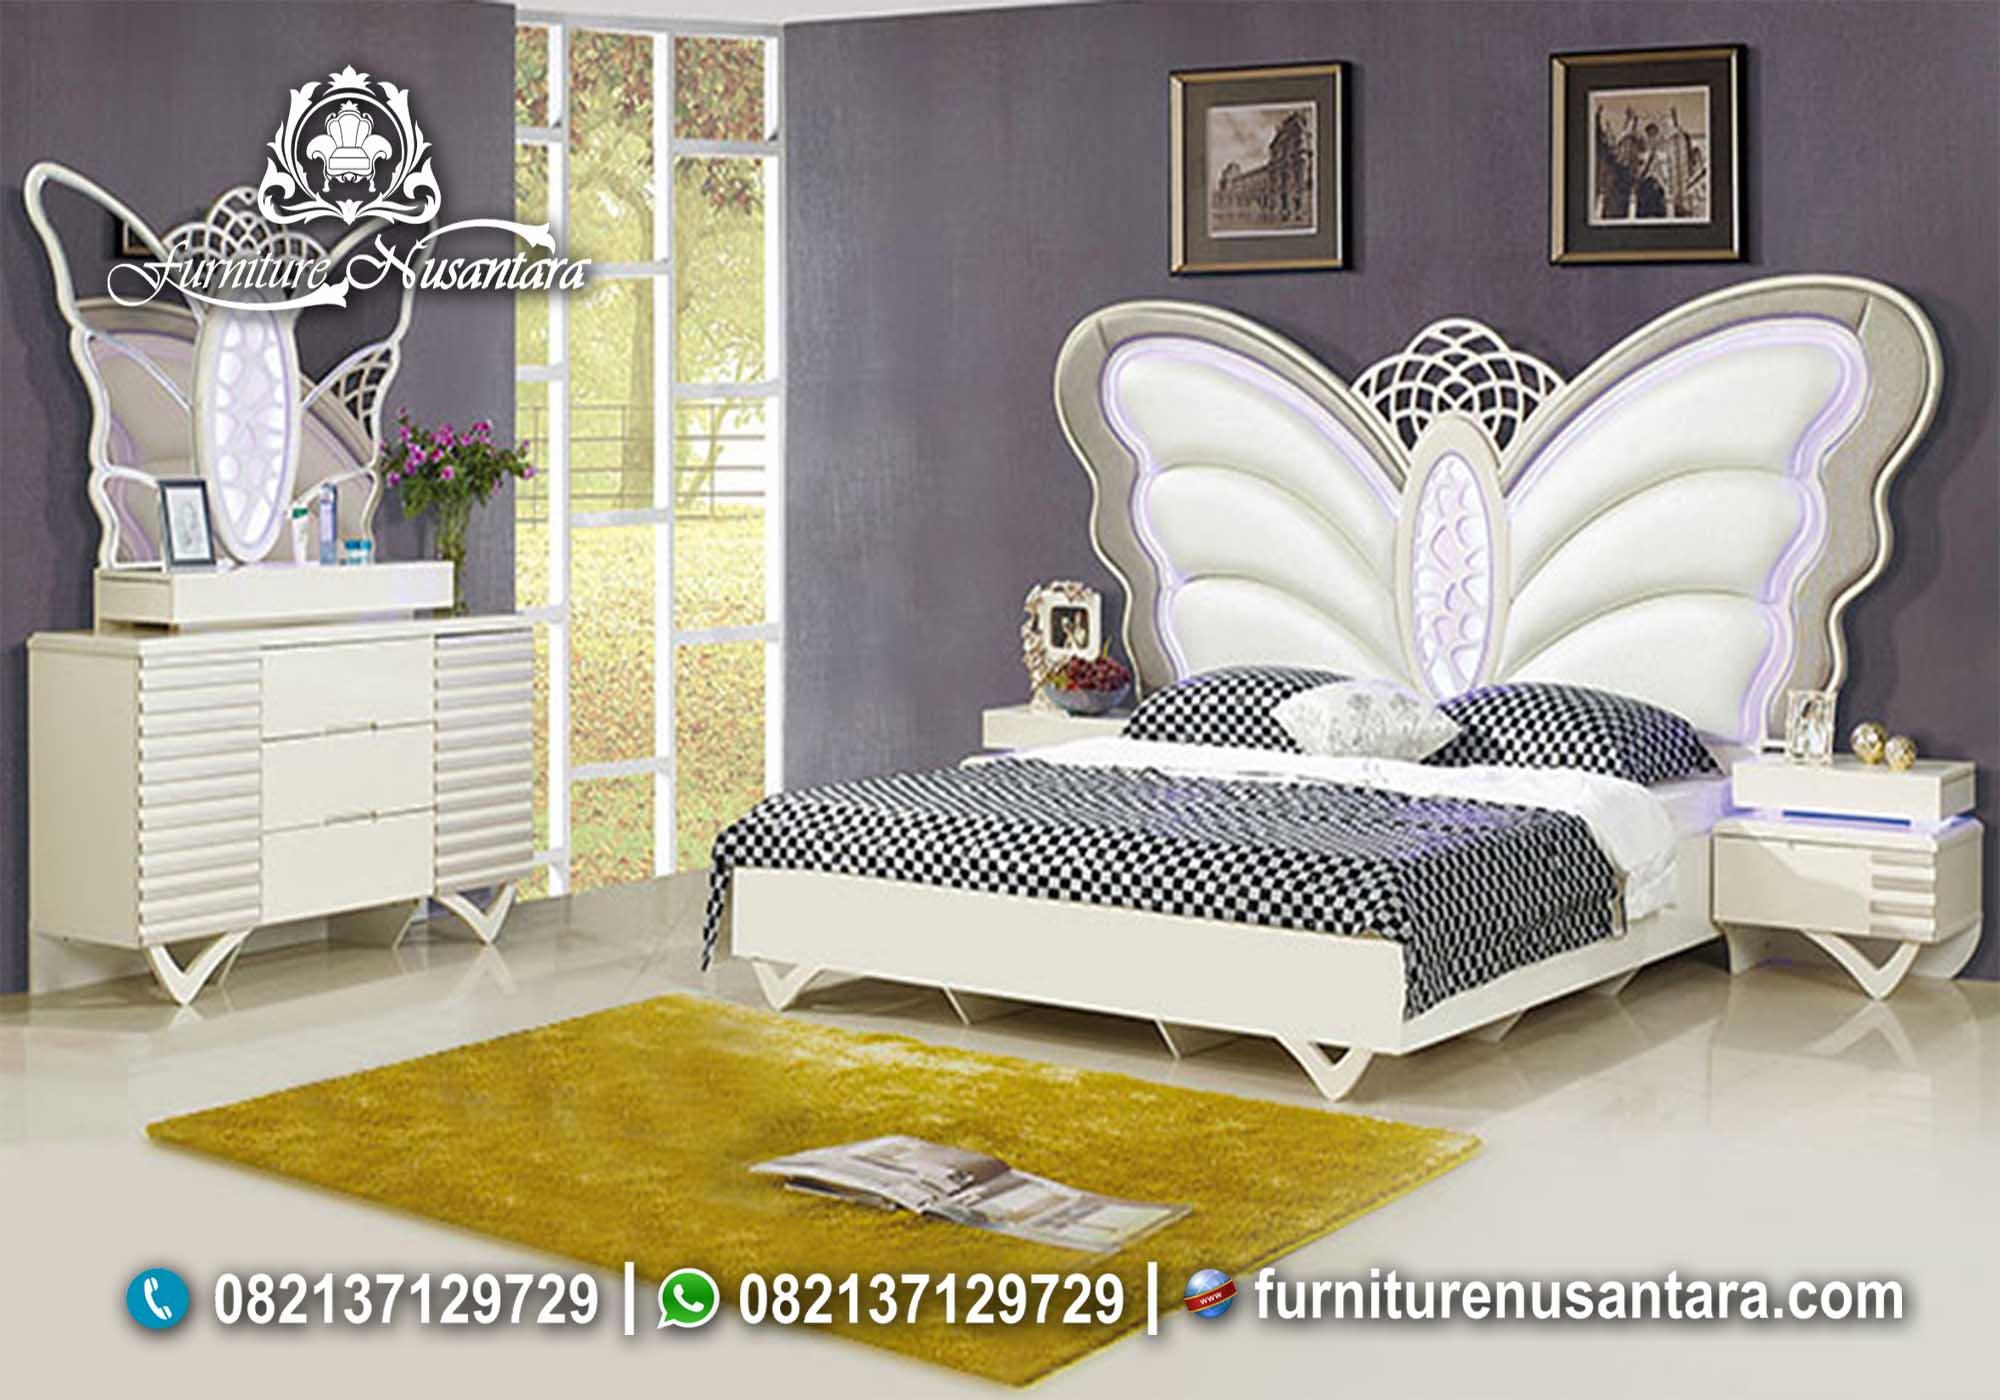 Desain Tempat Tidur Kupu Kupu KS-86, Furniture Nusantara